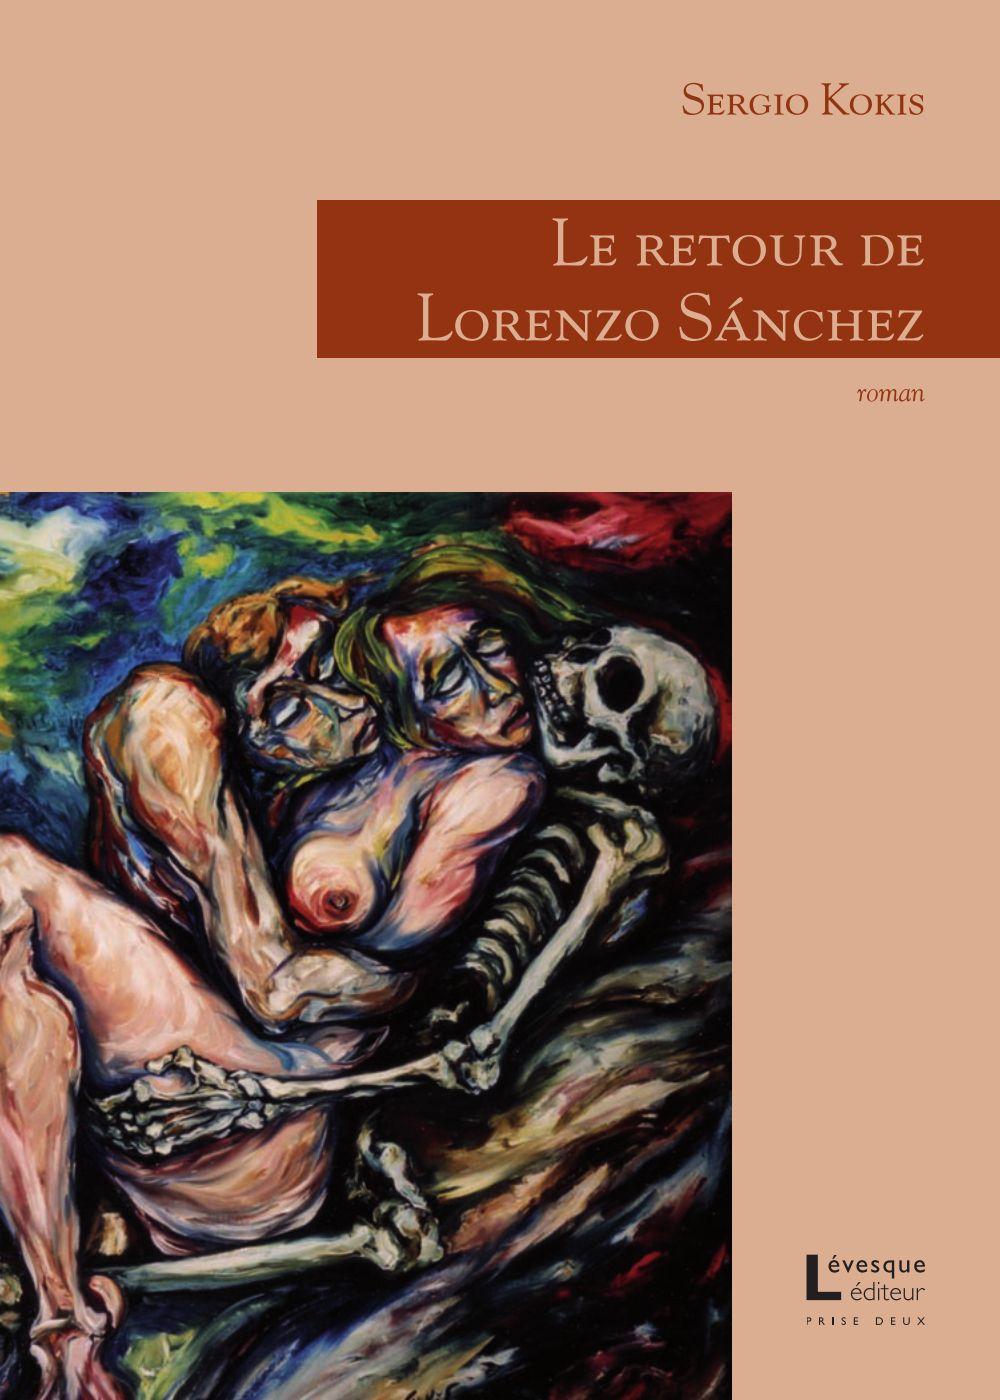 Le retour de Lorenzo Sánchez